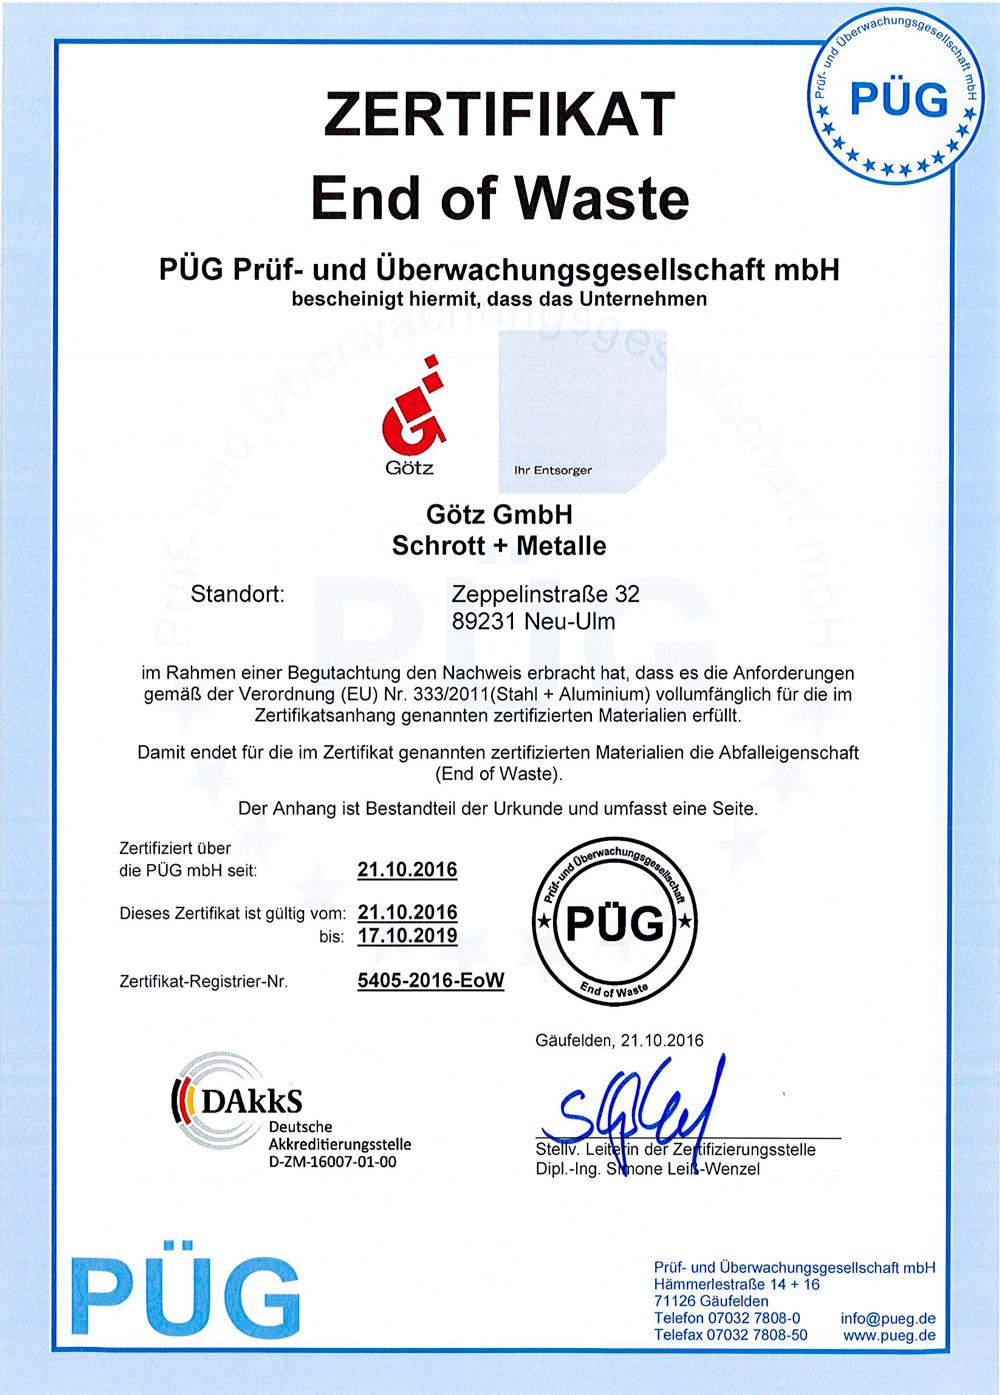 End of Waste - Zertifikat der Götz GmbH